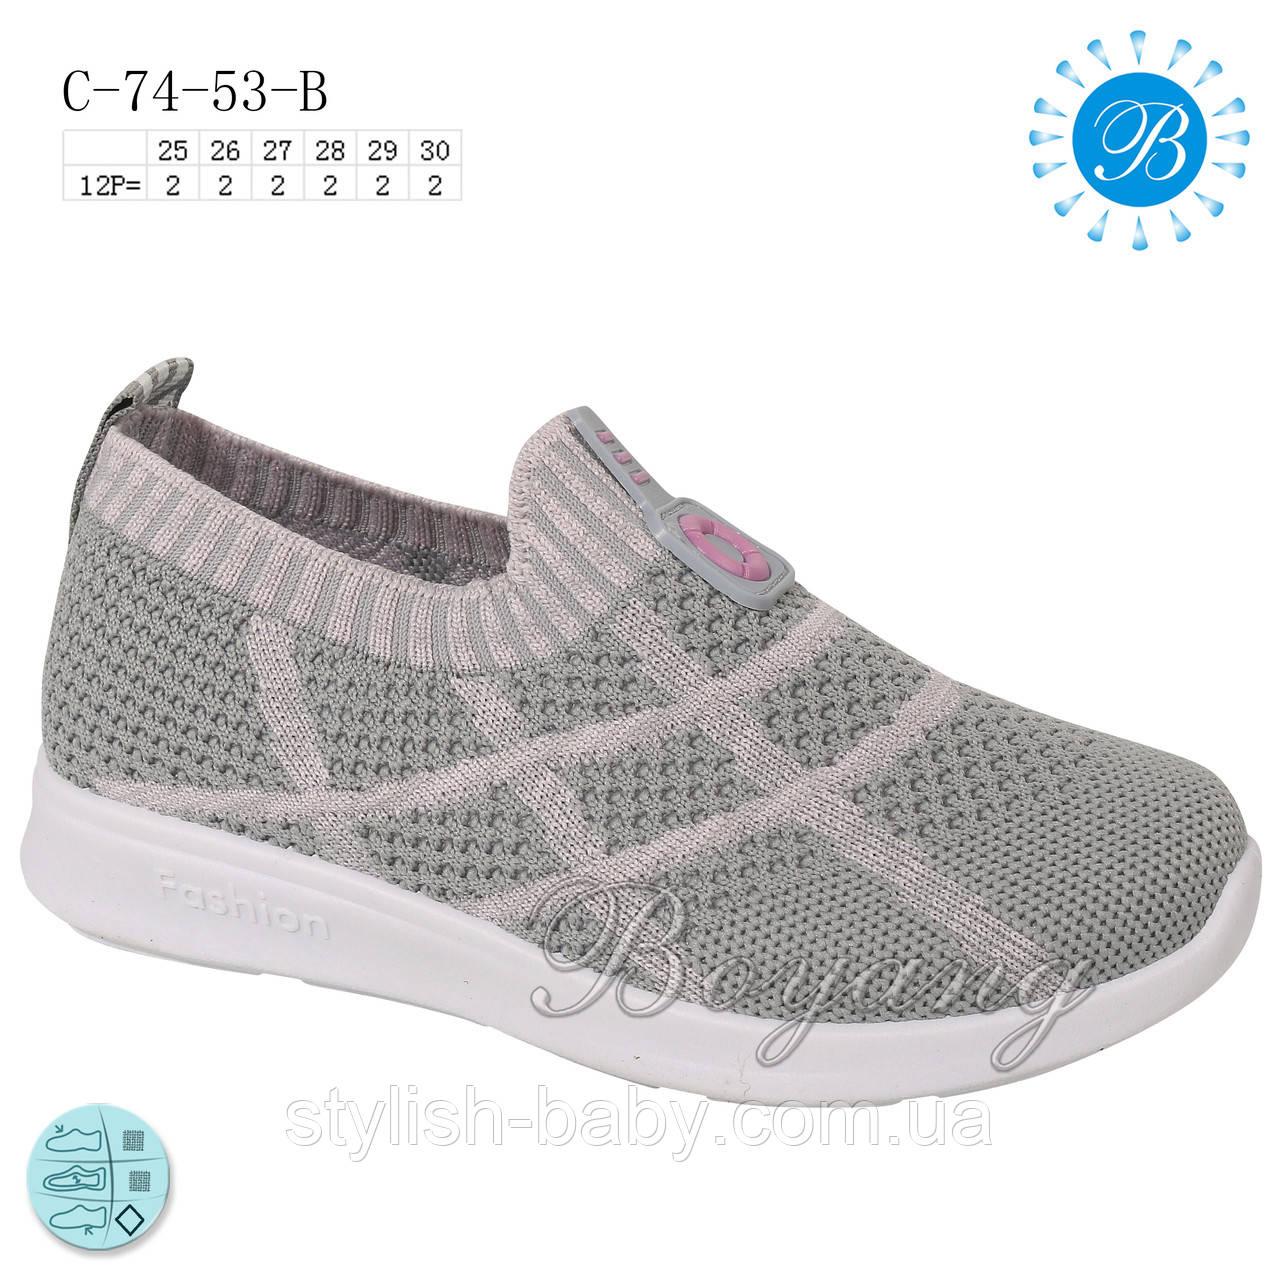 Детская обувь 2020 оптом. Детские кеды бренда Tom.m - Boyang для девочек (рр. с 25 по 30)